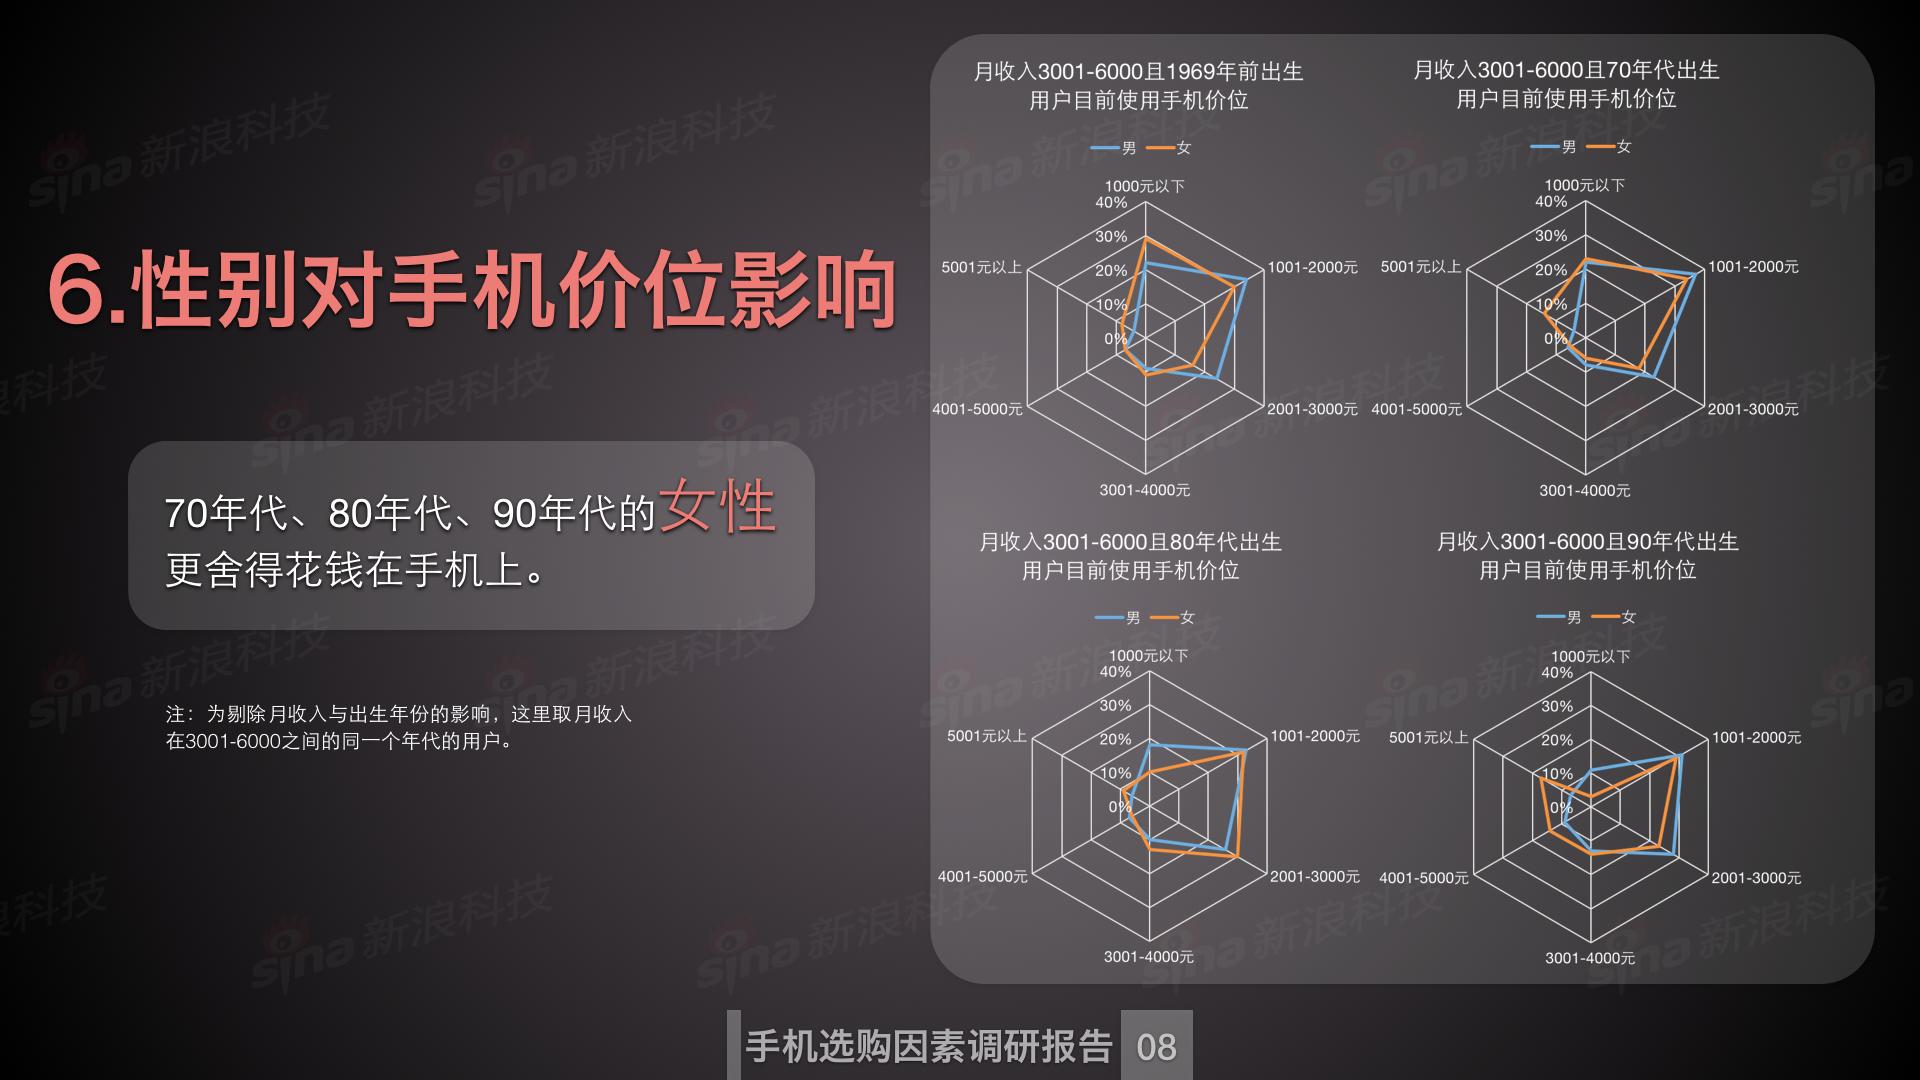 新浪科技数据中心_购买手机因素调研.009